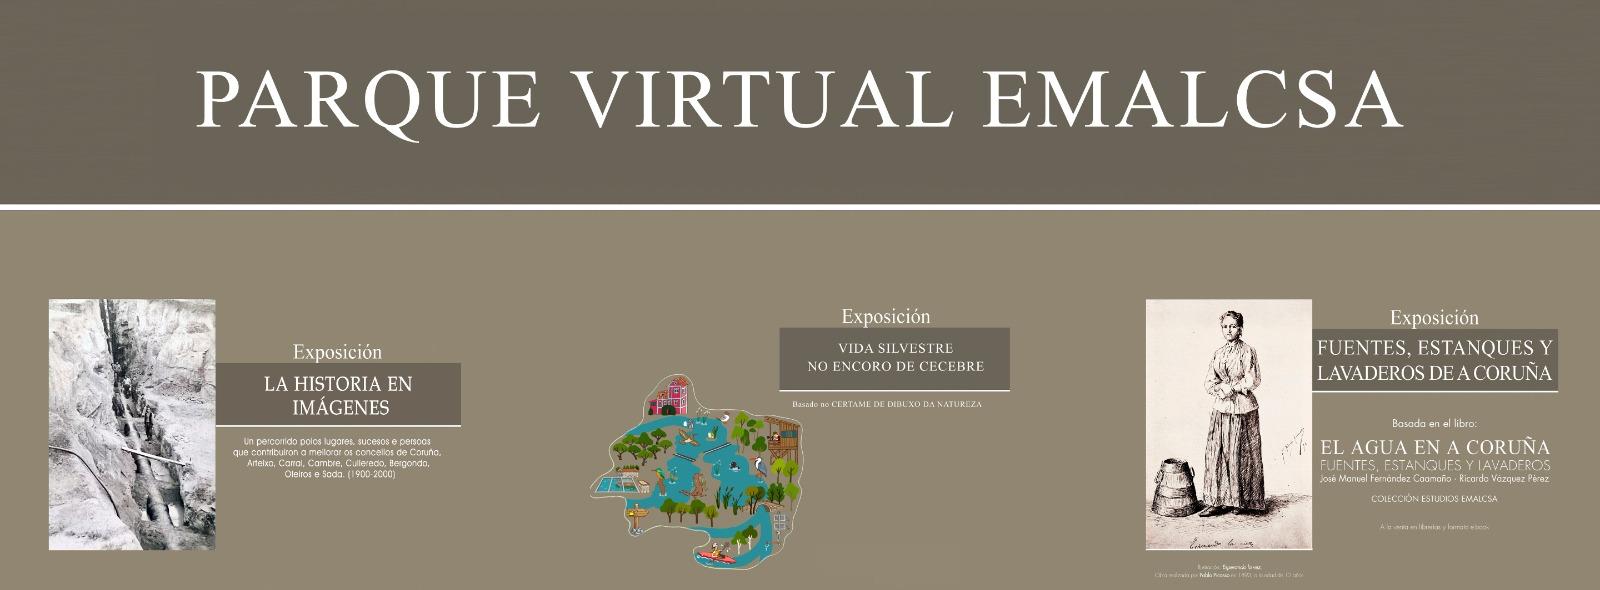 Abre Parque Emalcsa, un nuevo espacio expositivo virtual para mostrar las colecciones vinculadas al agua